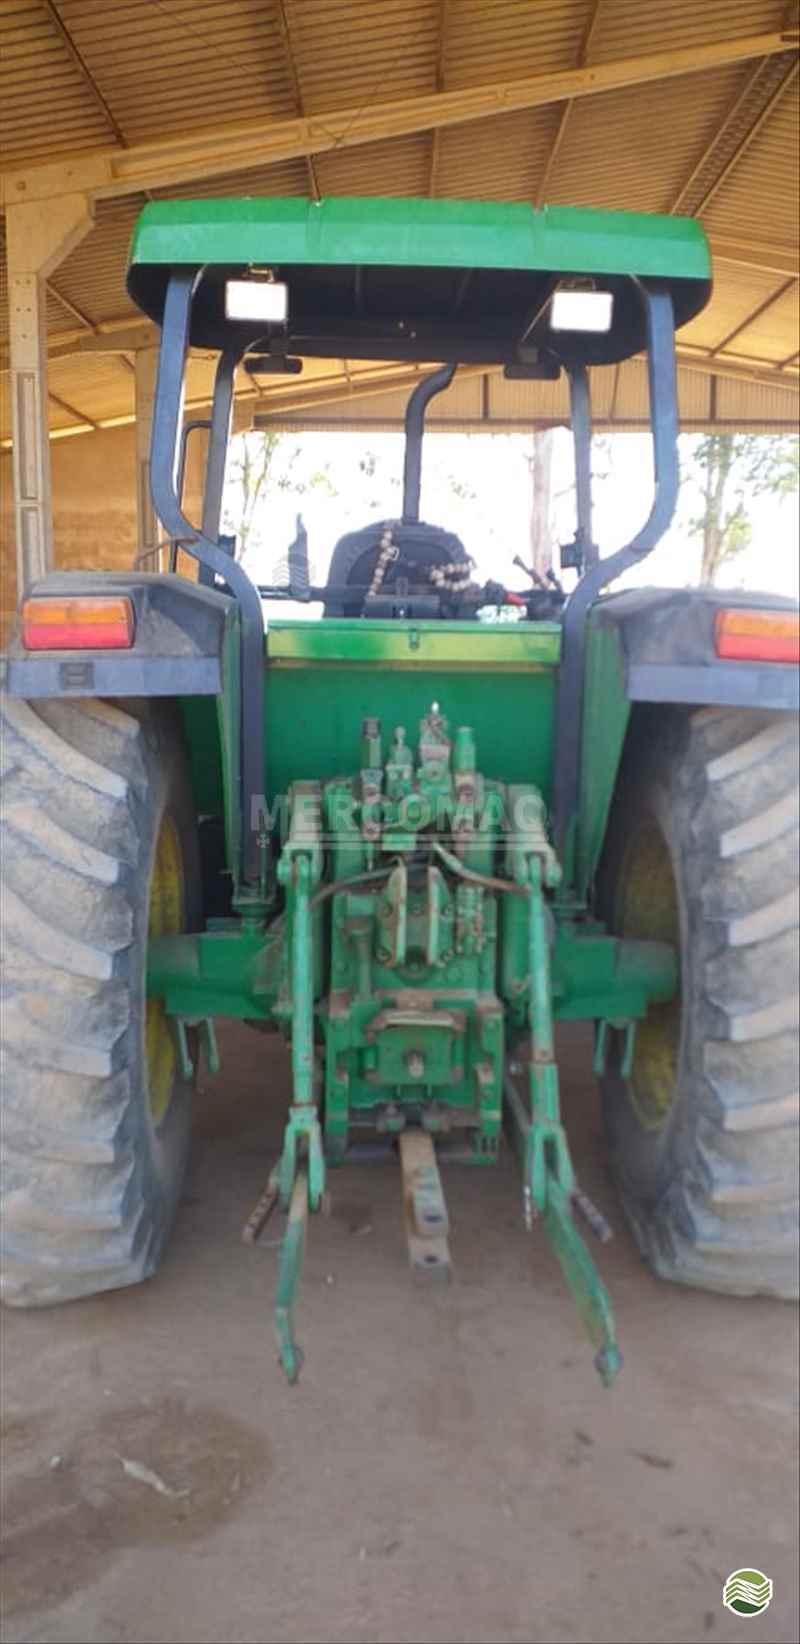 JOHN DEERE JOHN DEERE 6405  2004/2004 Mercomaq - JAN - GTS